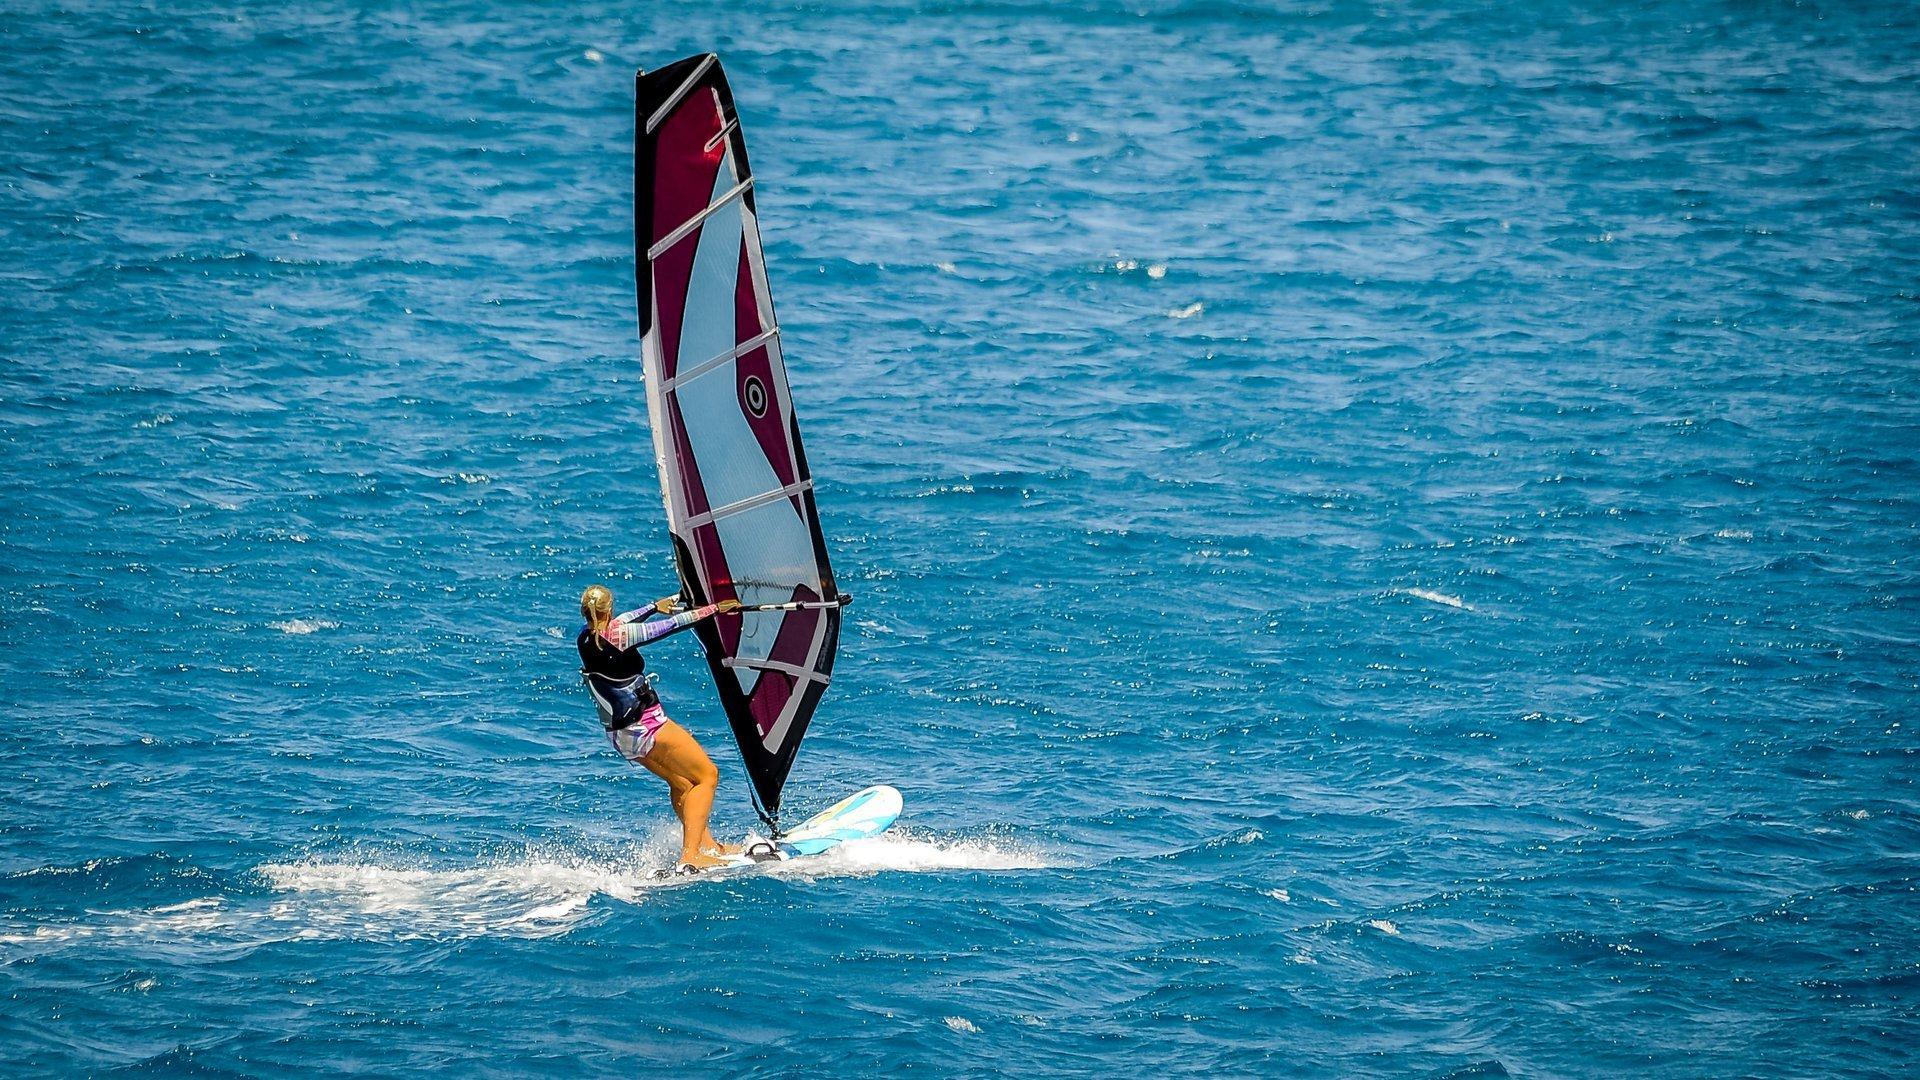 Windsurfing in Phuket 2020 - Best Time